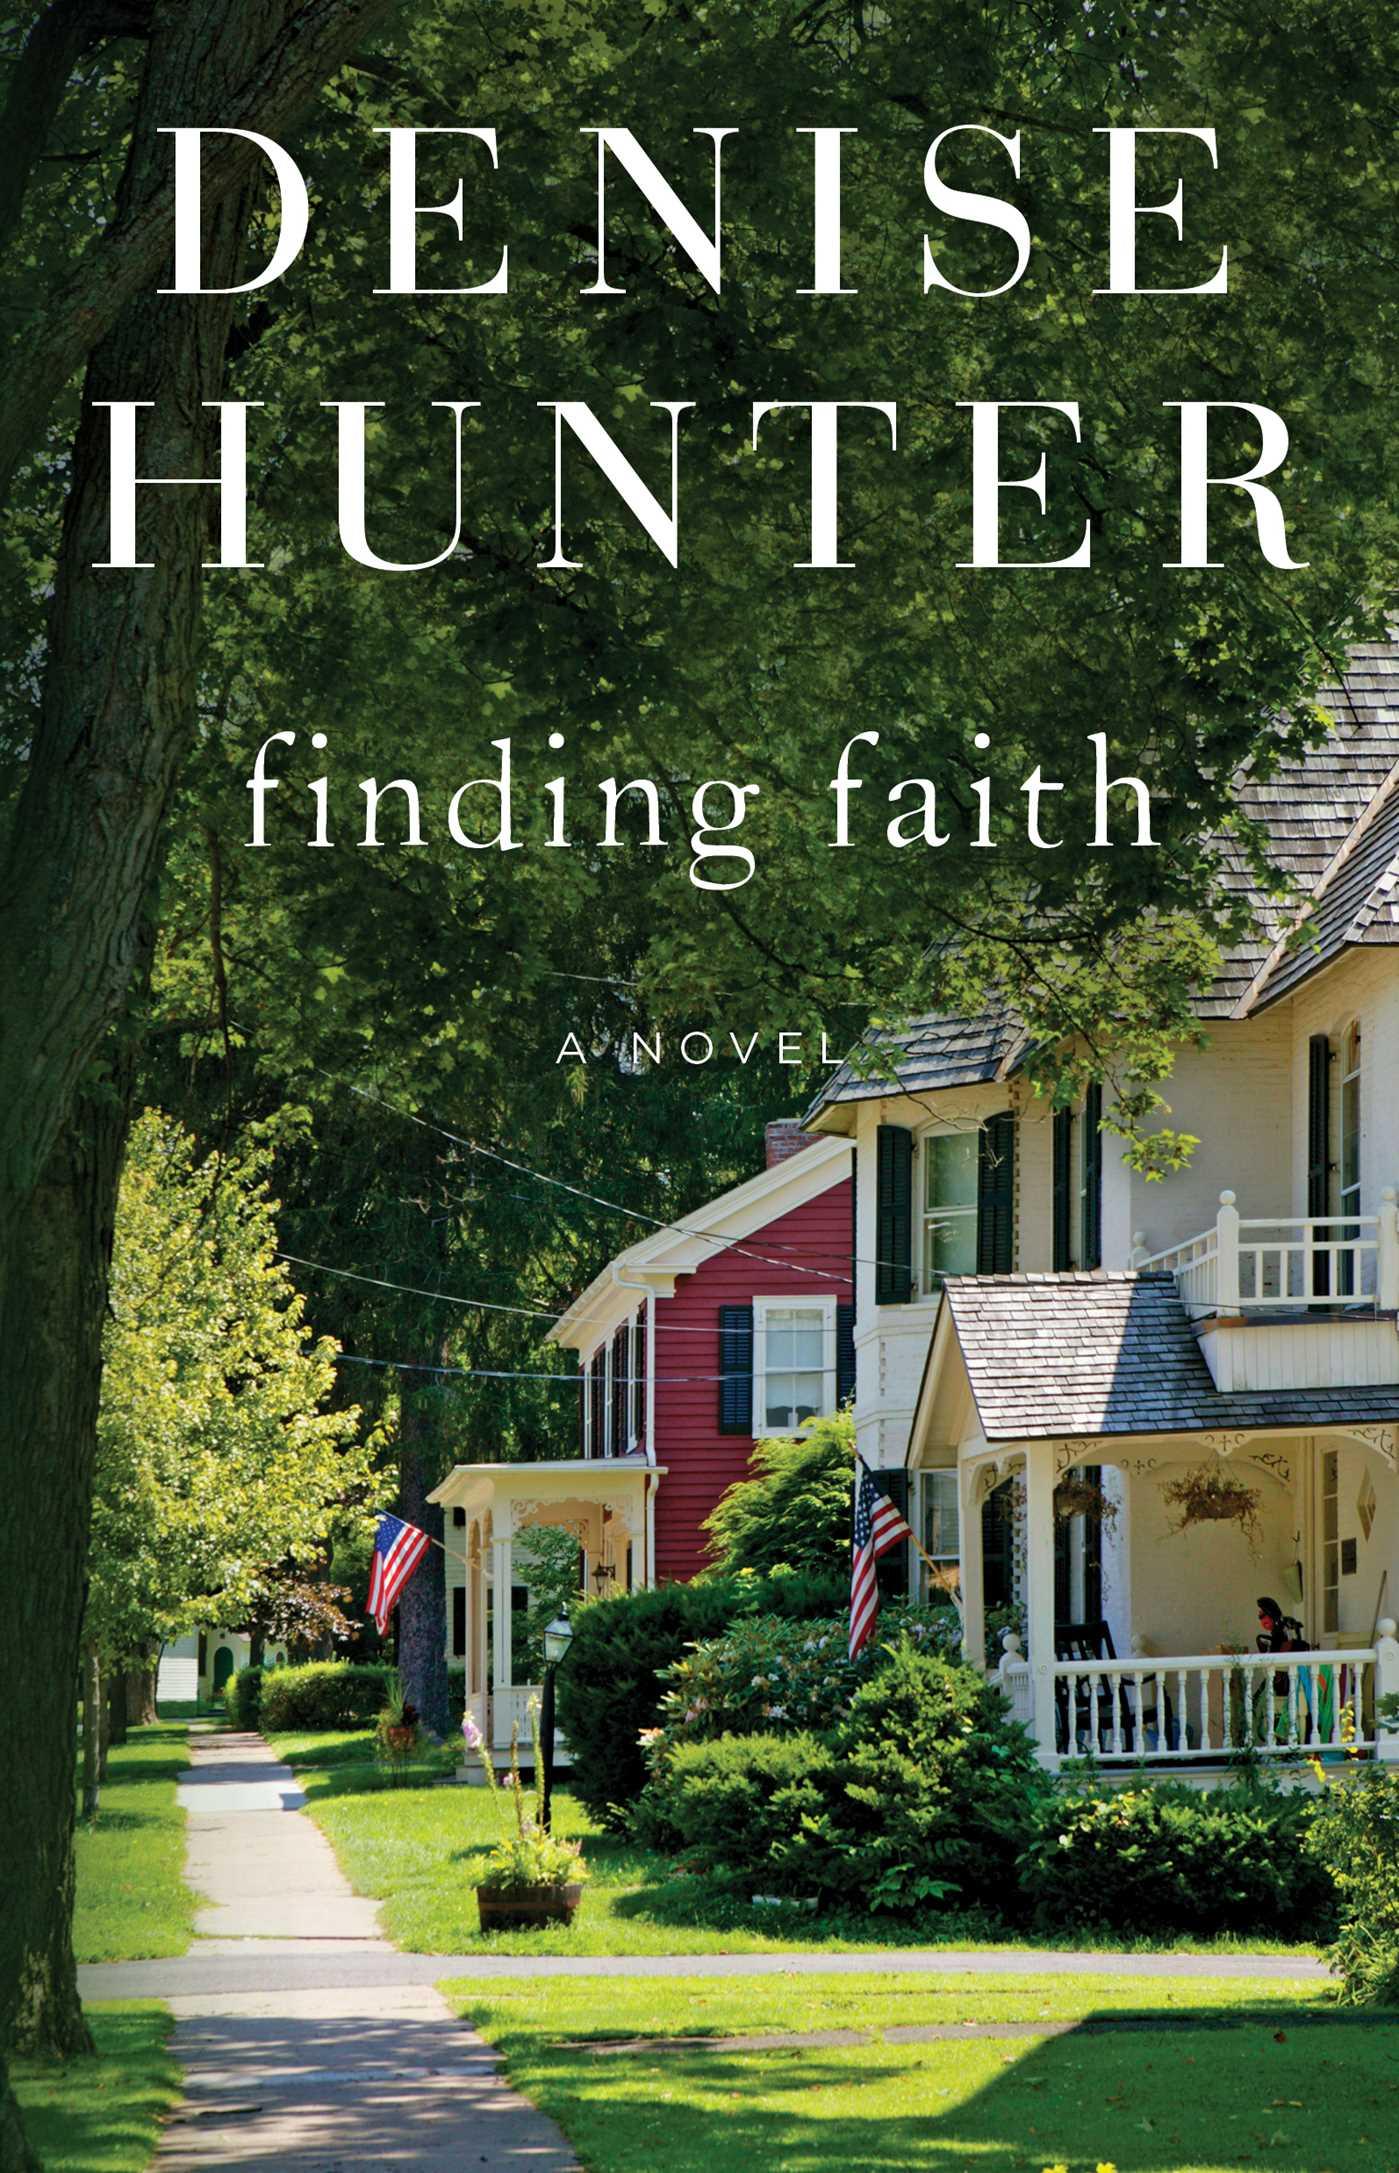 Finding faith 9781982108090 hr